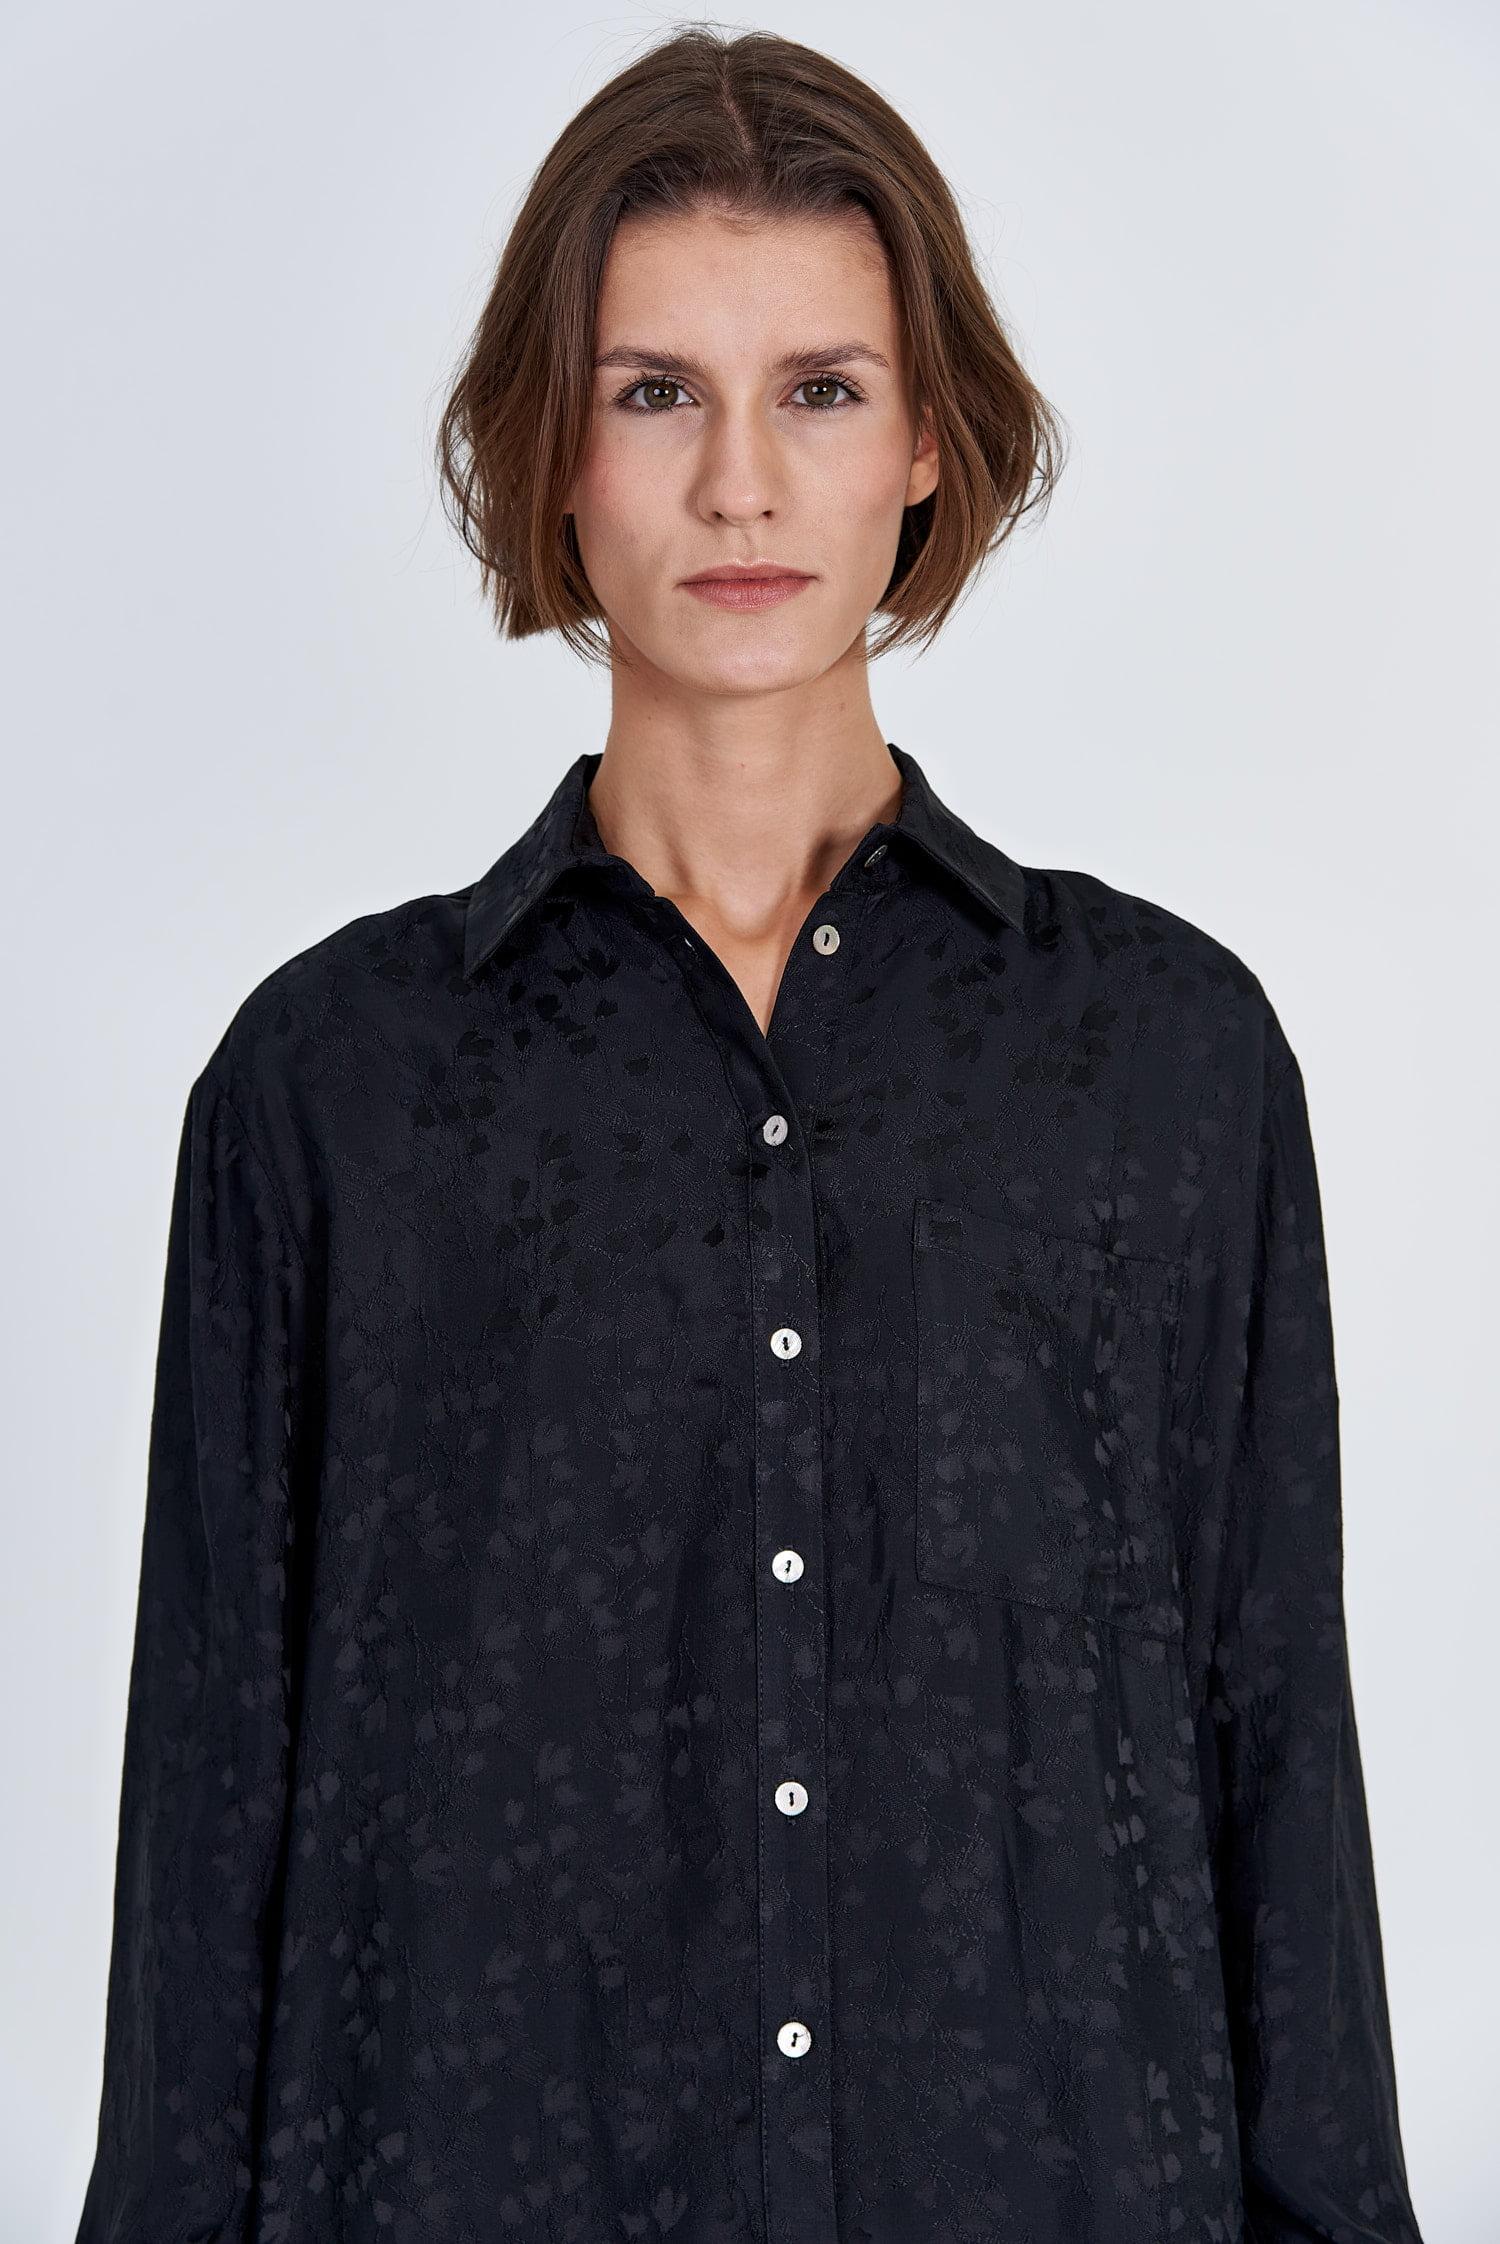 Acephala Fw 2020 21 Black Jacquard Shirt Jacquard Trousers Detail